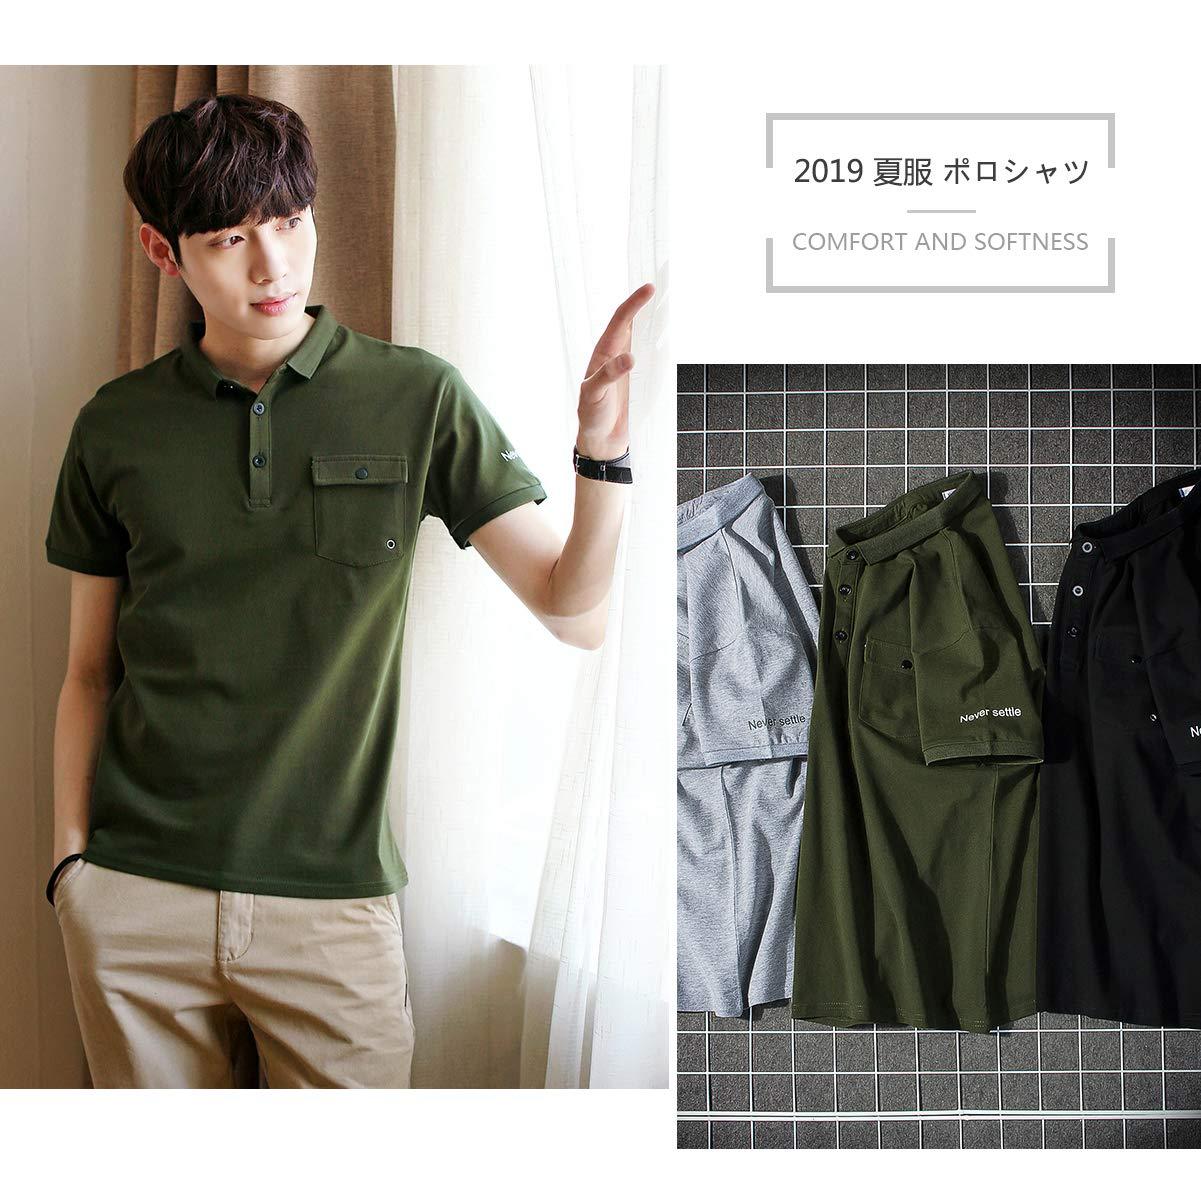 メンズ poloシャツ 夏服 春夏季対応 吸汗速乾 通気性 シンプル 半袖 トップス ゴルフウェア ポロシャツ SHANLIANG